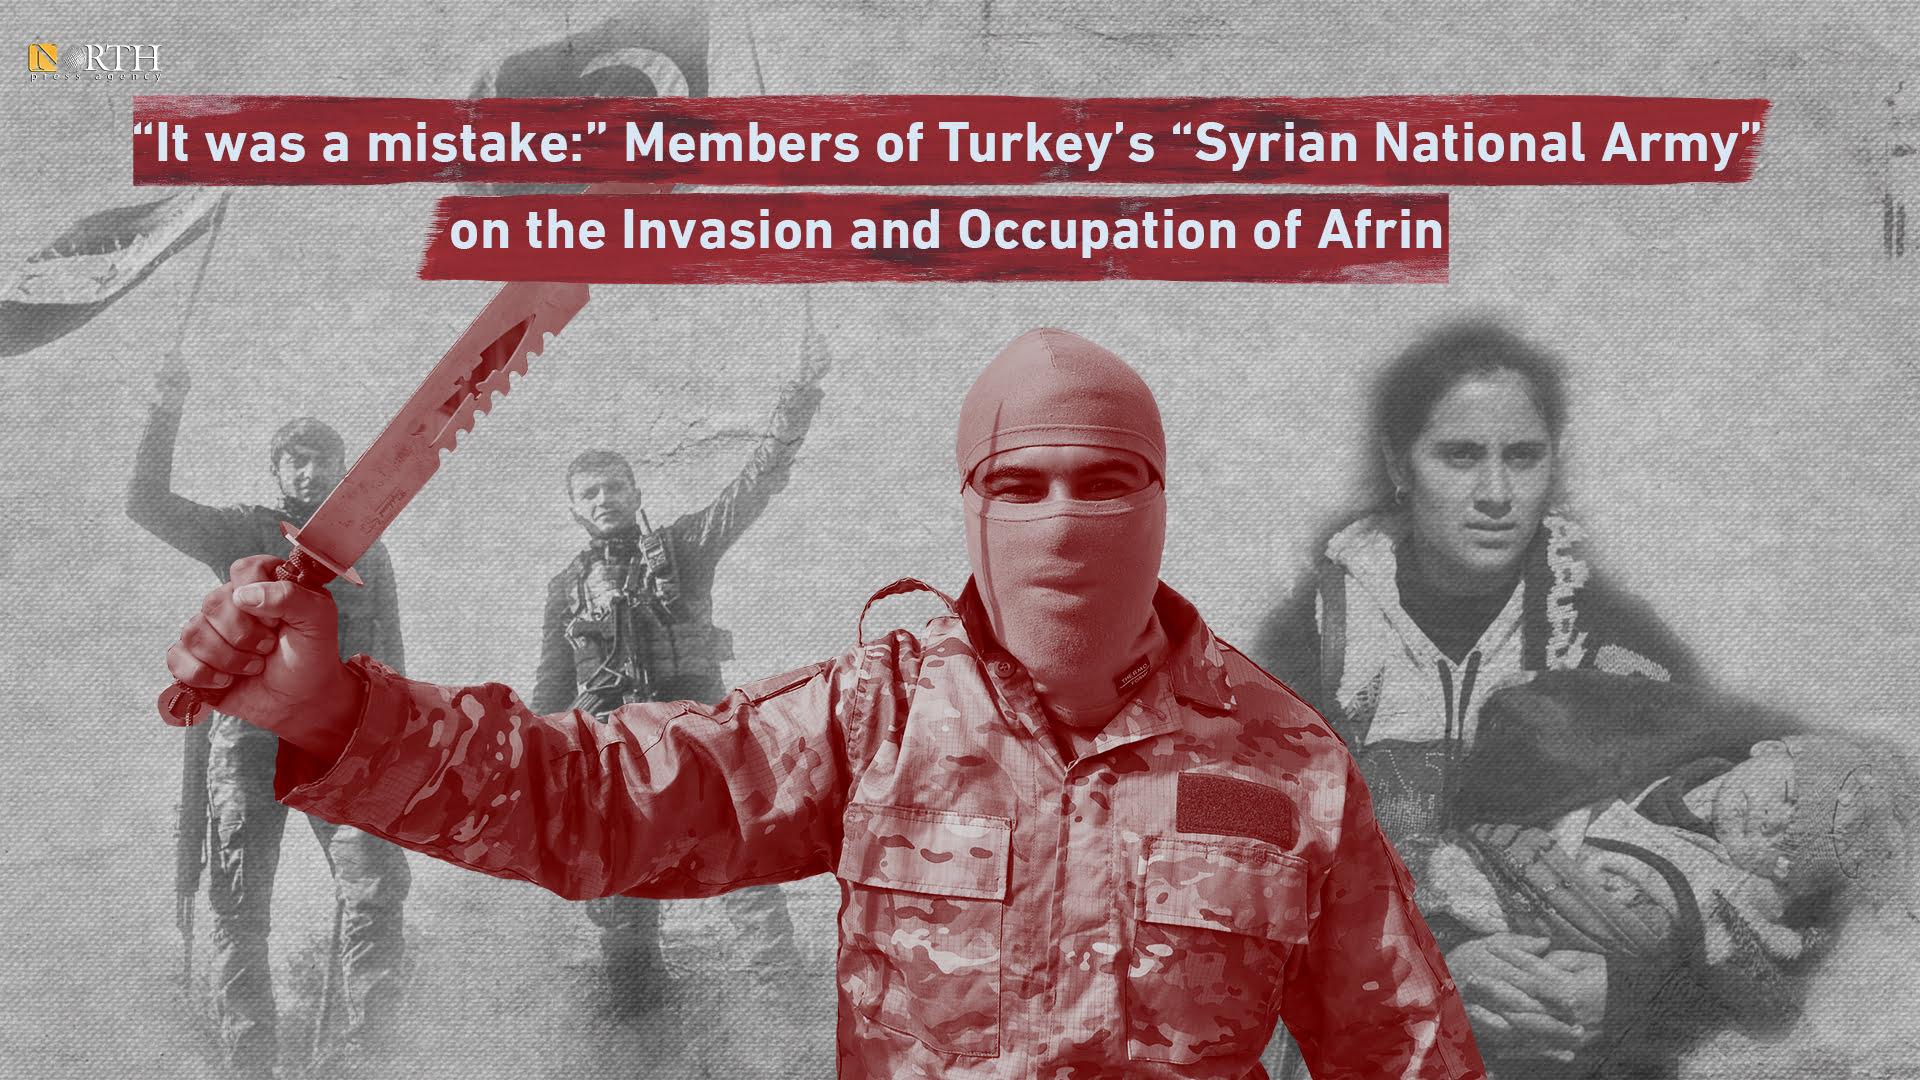 «Ήταν λάθος»: Μέλη του Συριακού Εθνικού Στρατού που στηρίζει η Τουρκία, καταγγέλλουν την εισβολή και κατοχή του Αφρίν